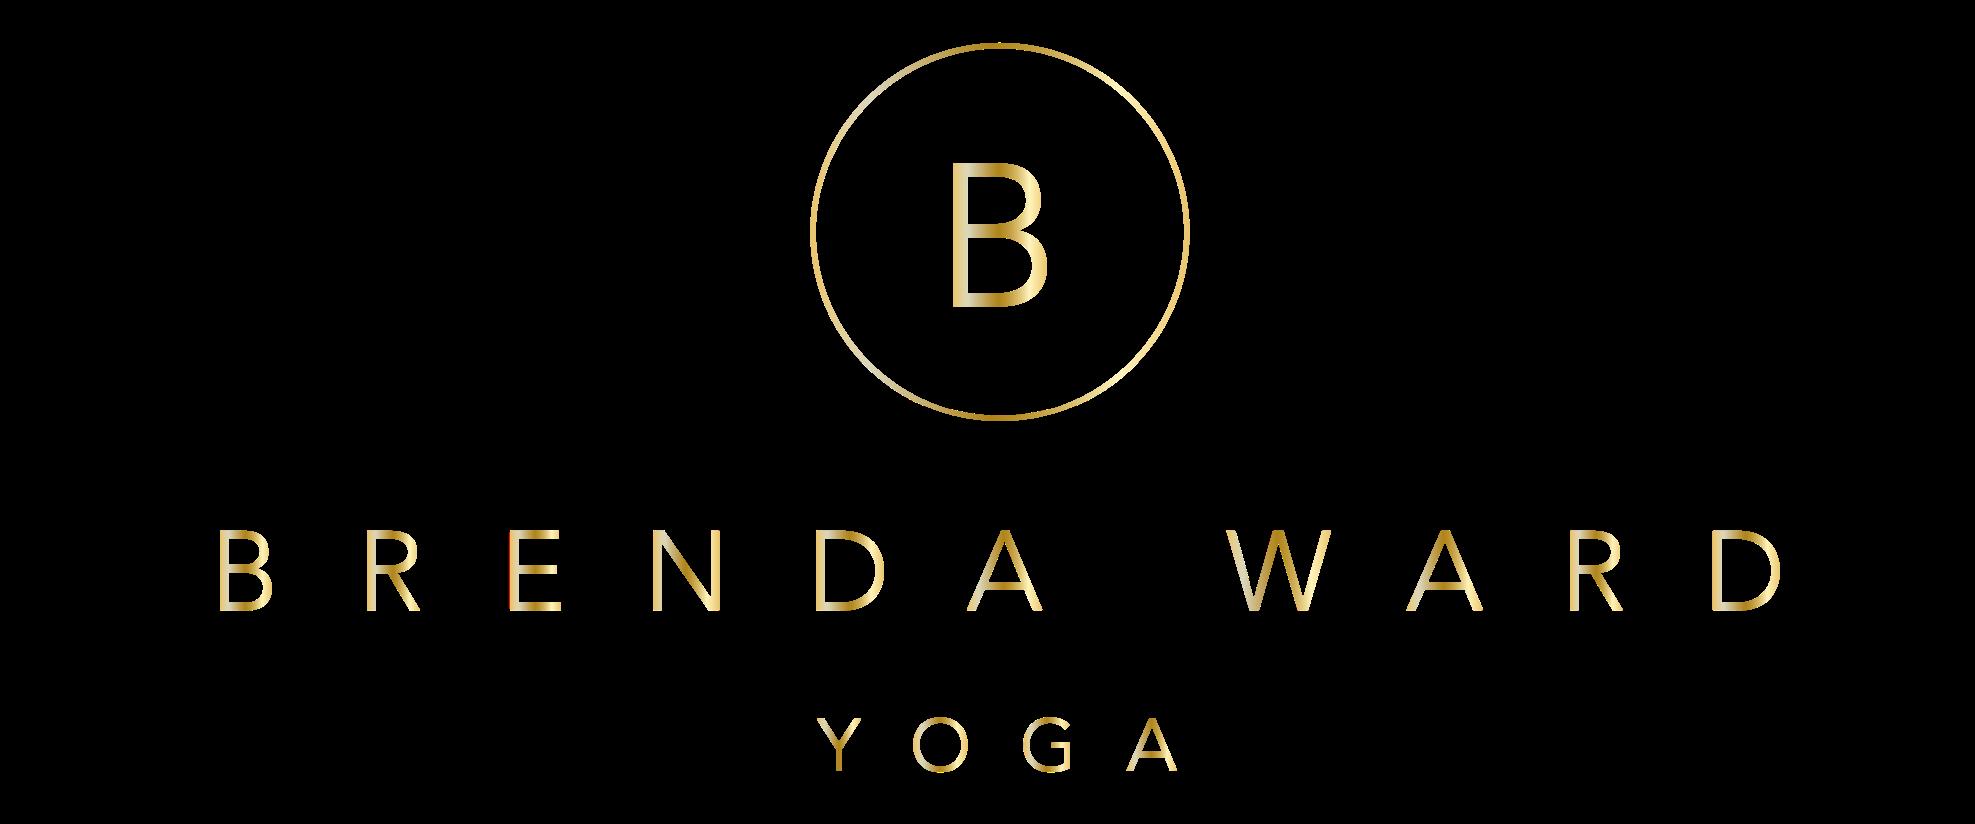 brenda ward yoga Lytham